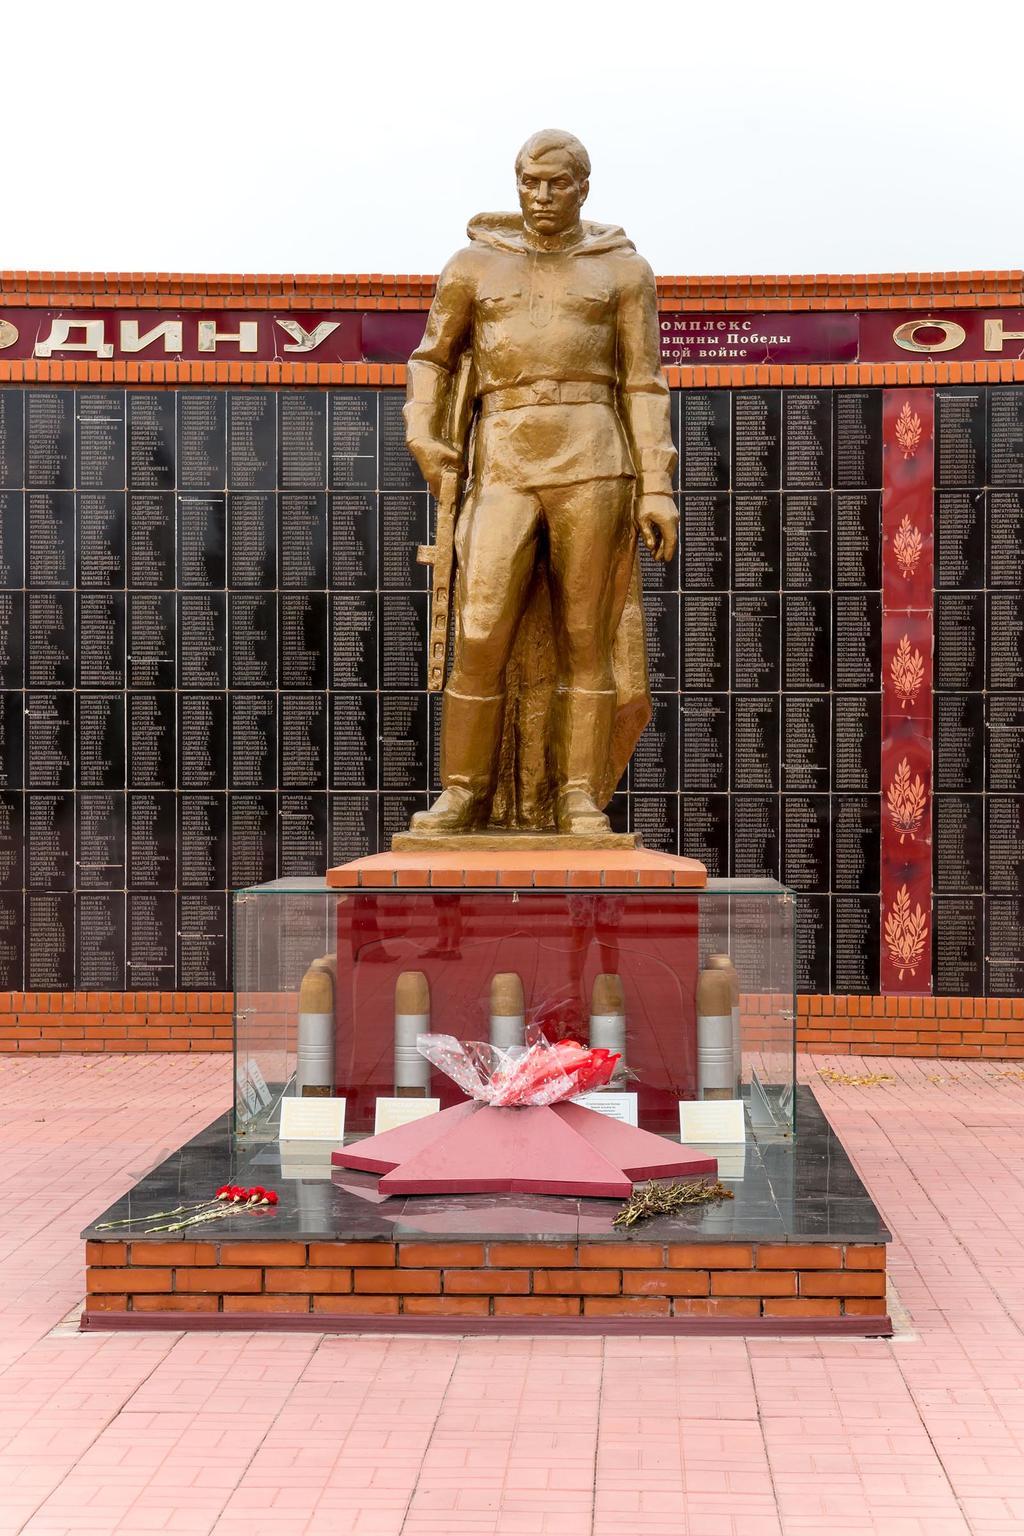 Статуя защитника Отечества Мемориального комплекса. Апастово. 2014 ©Tatfrontu.ru Photo Archive